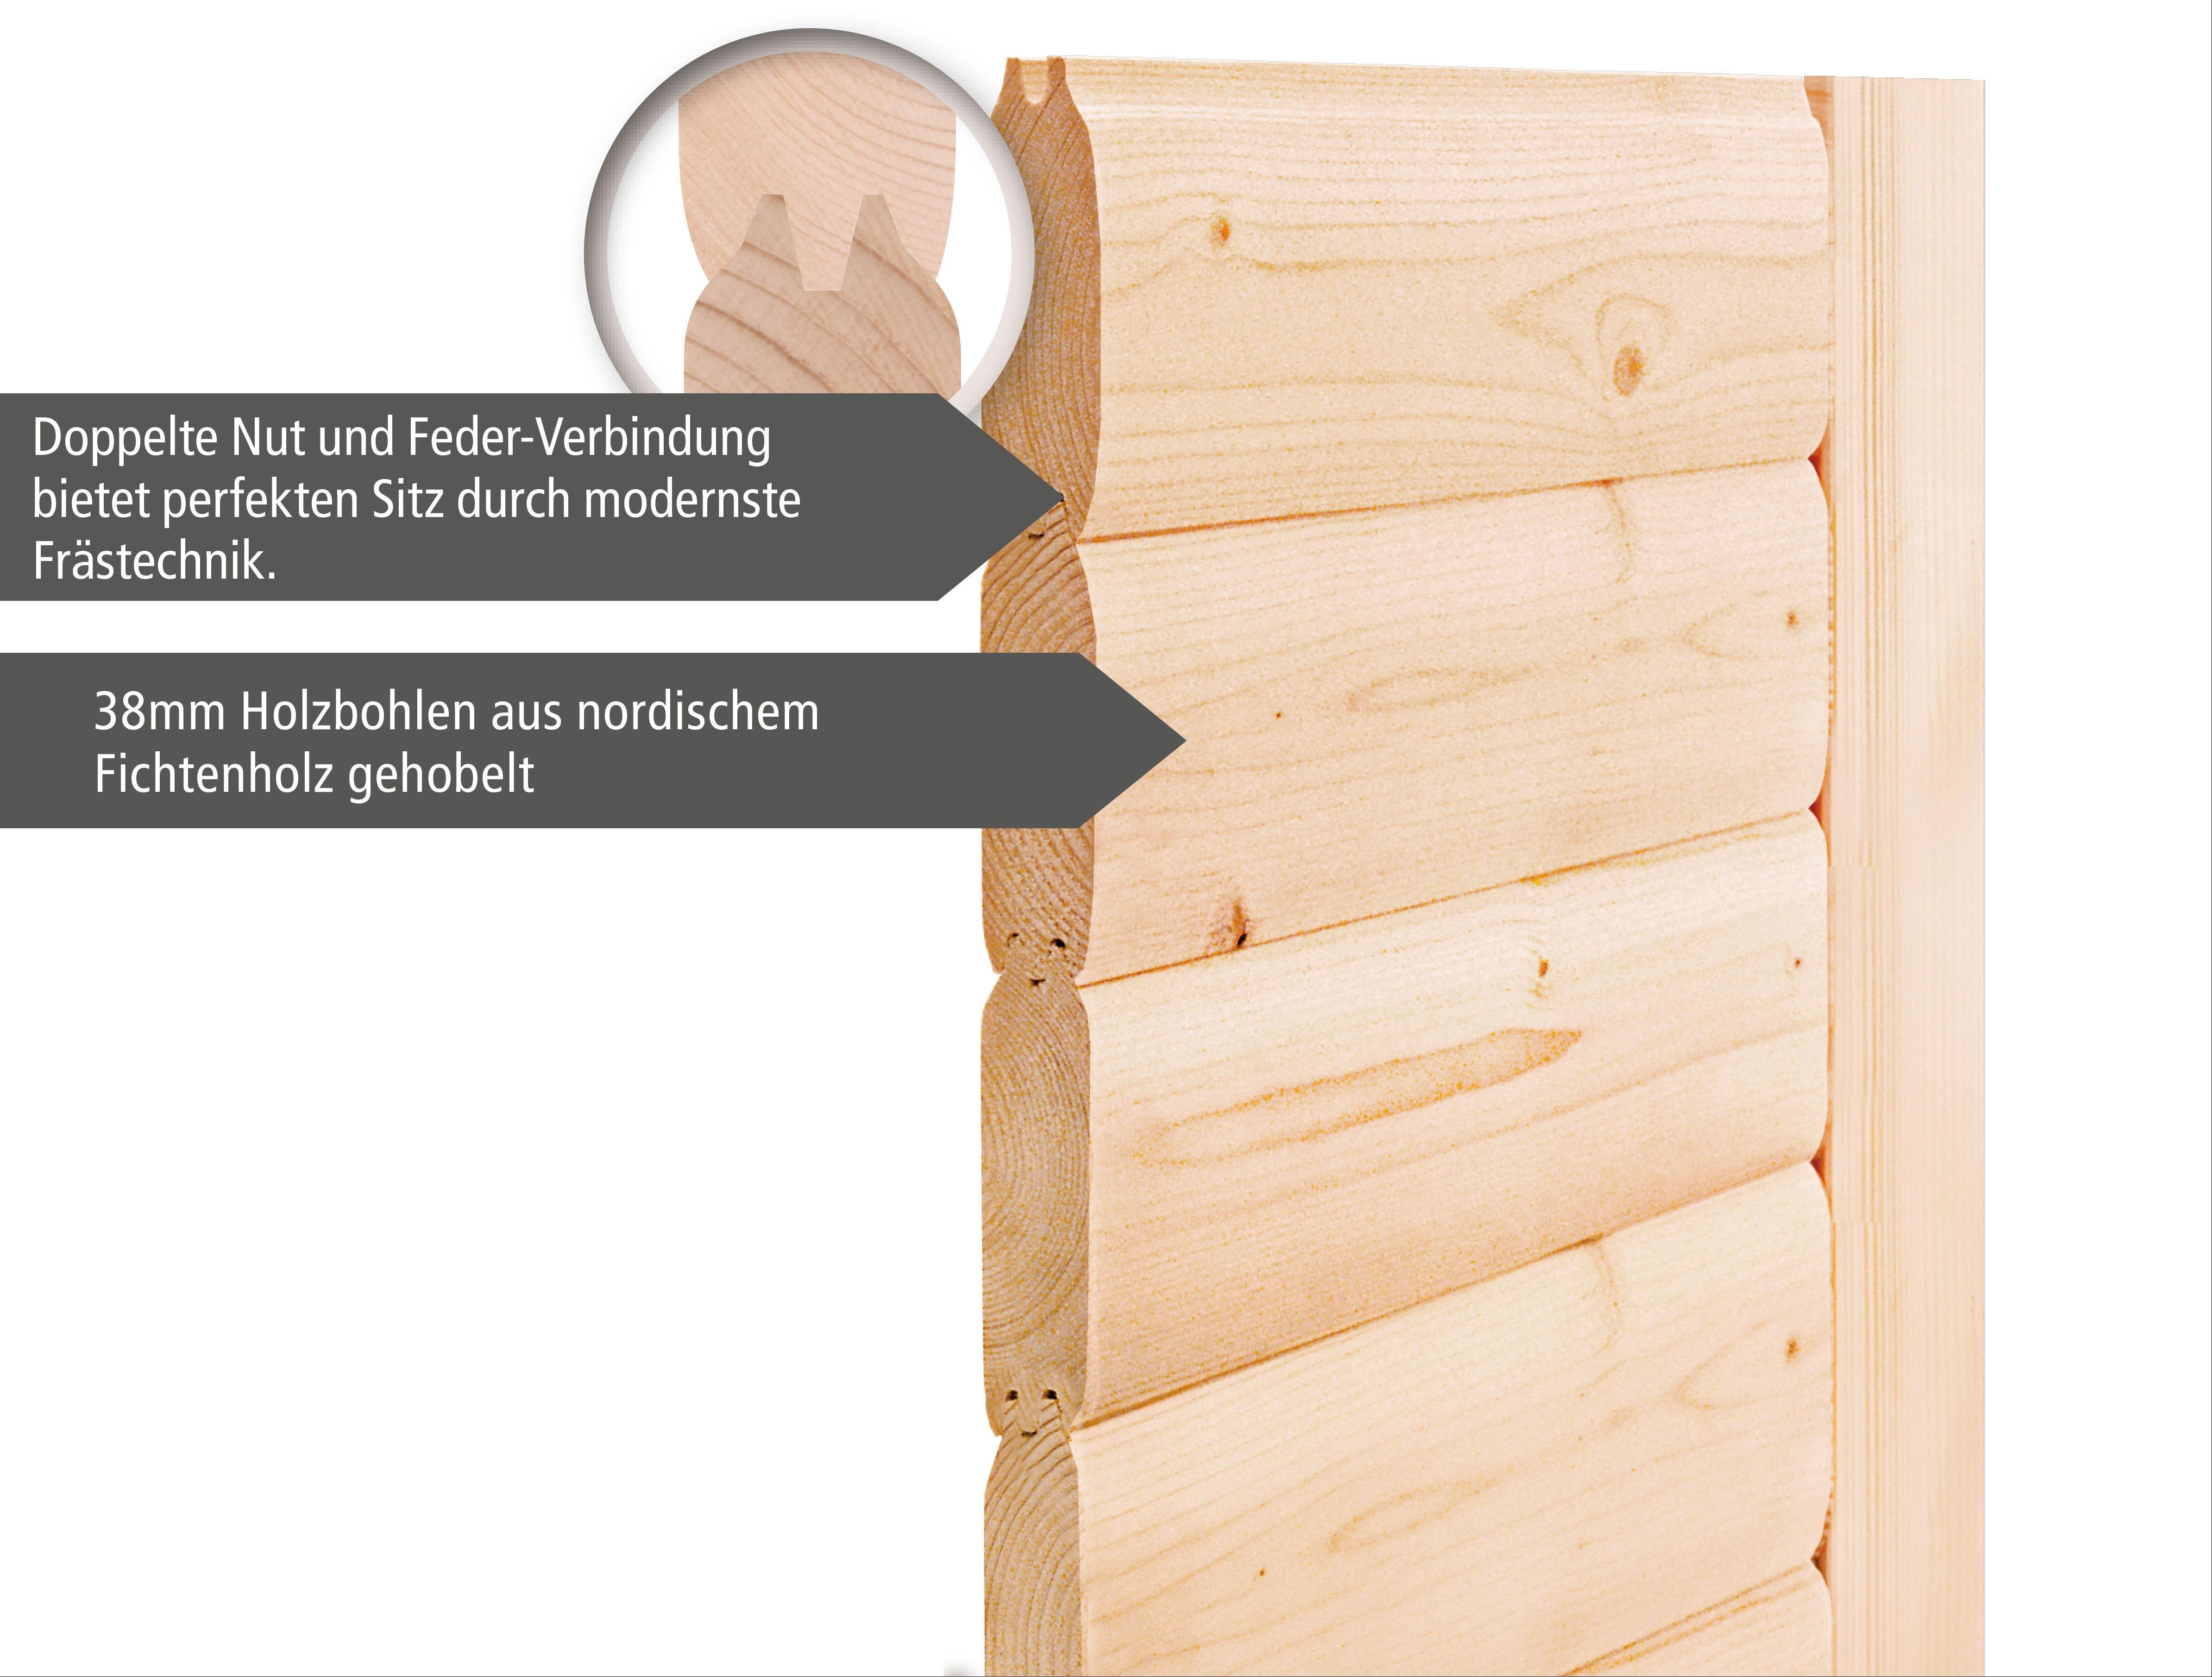 Woodfeeling Sauna Svenja 38mm mit Saunaofen 9 kW intern Classic Tür Bild 5